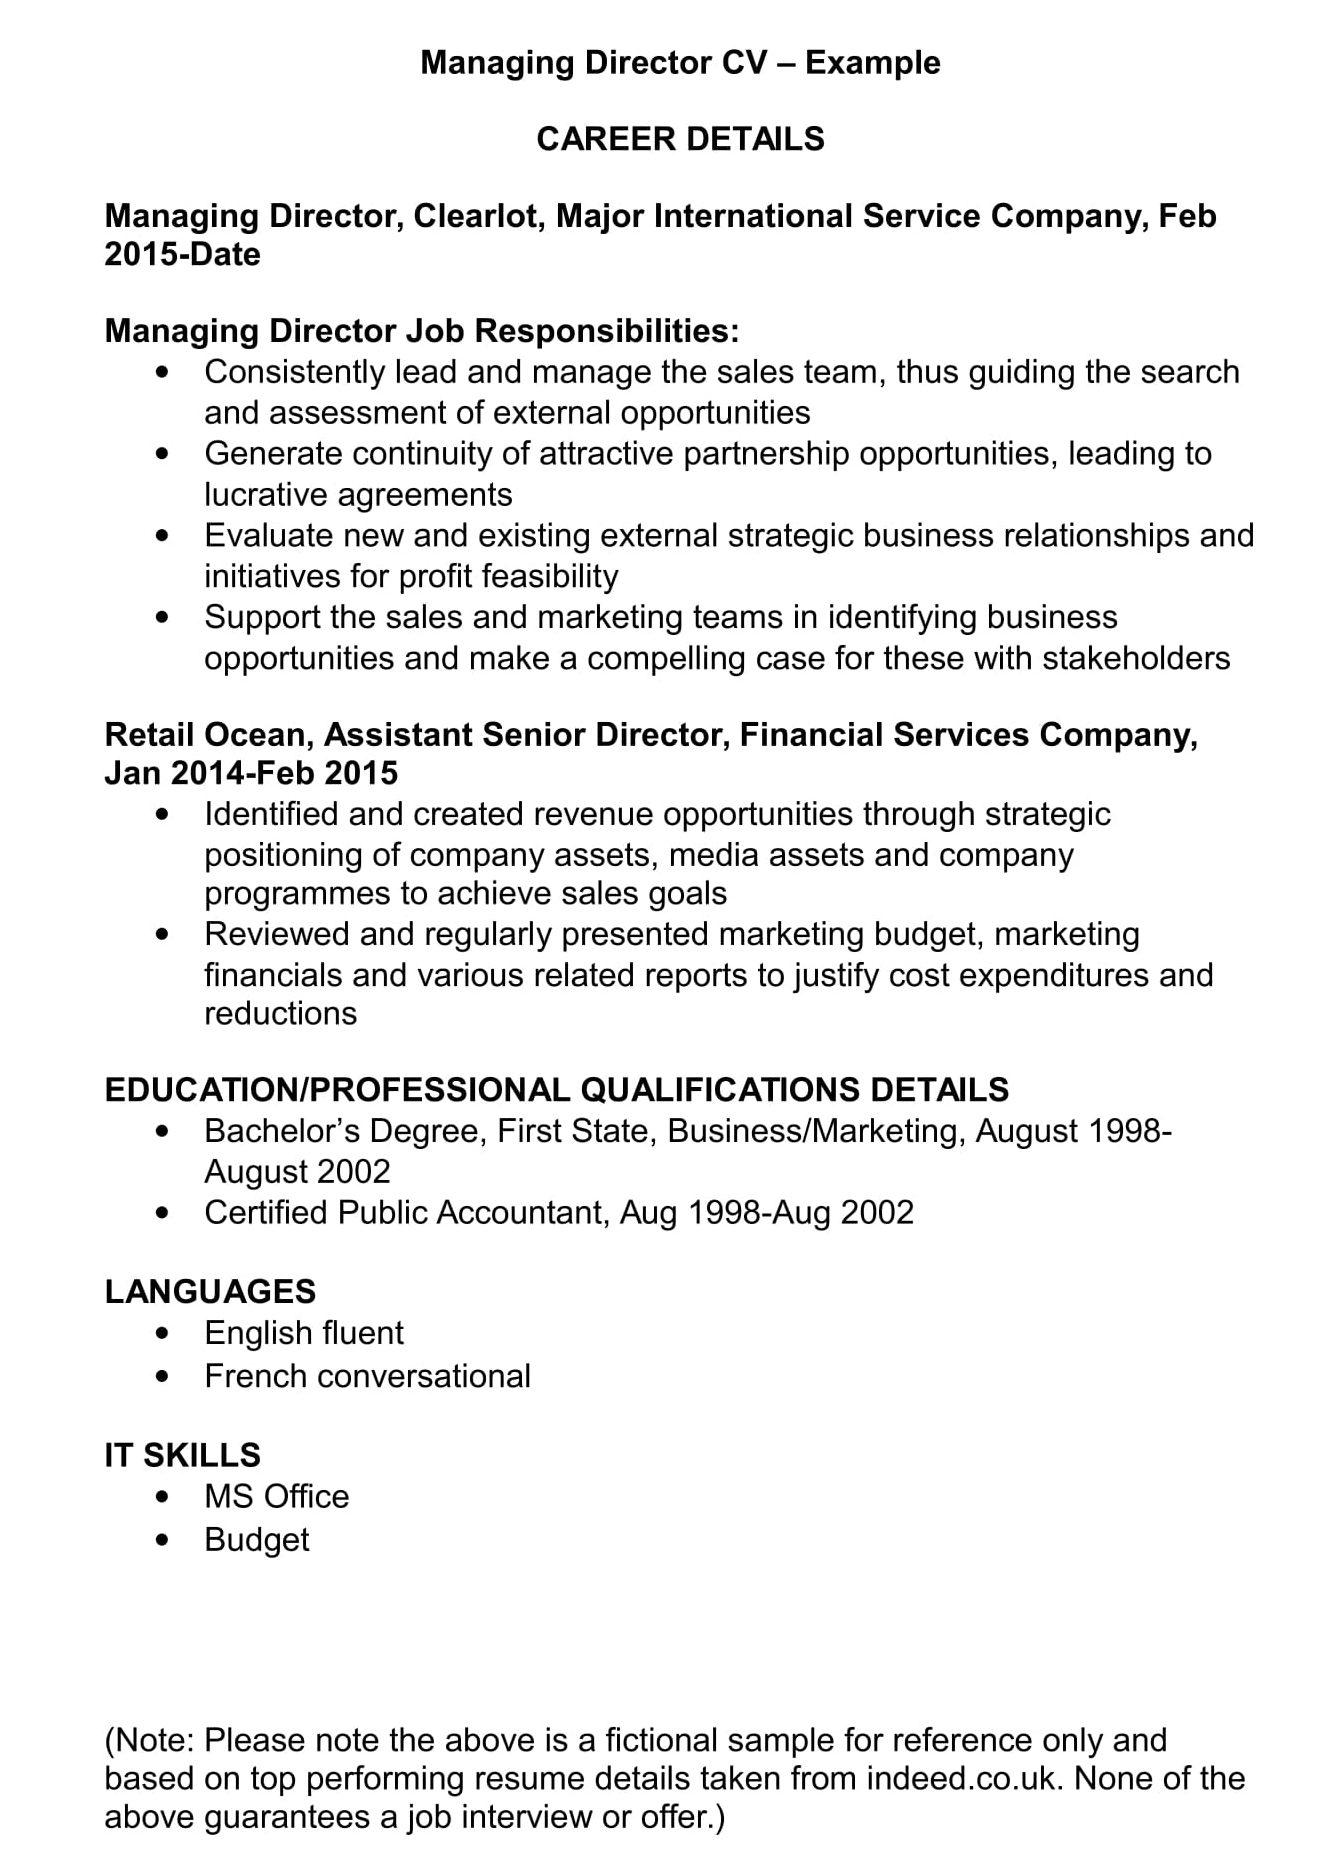 Managing Director Cv Template And Examples Renaix Com